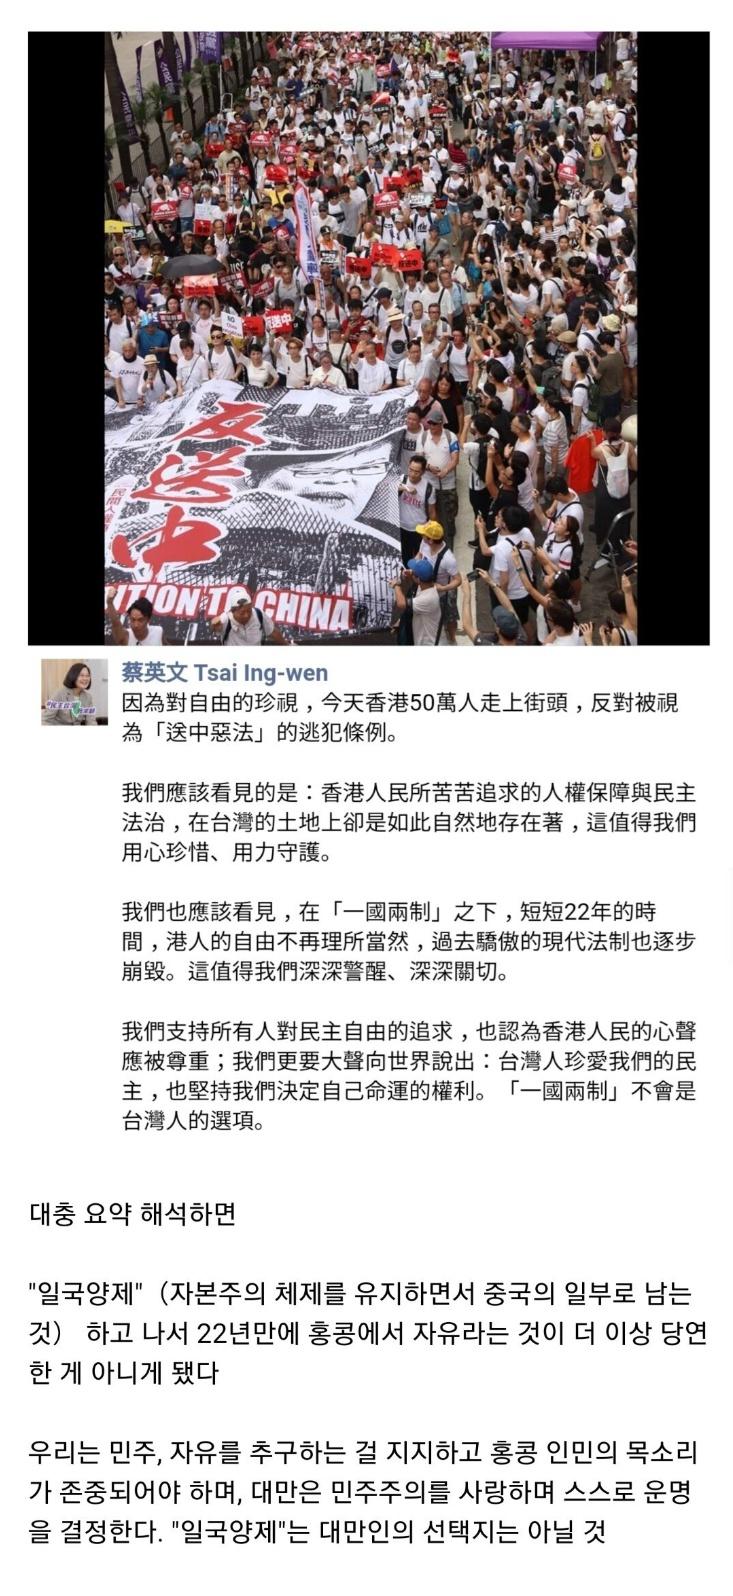 [유머] 홍콩시위를 본 대만총통 반응 -  와이드섬